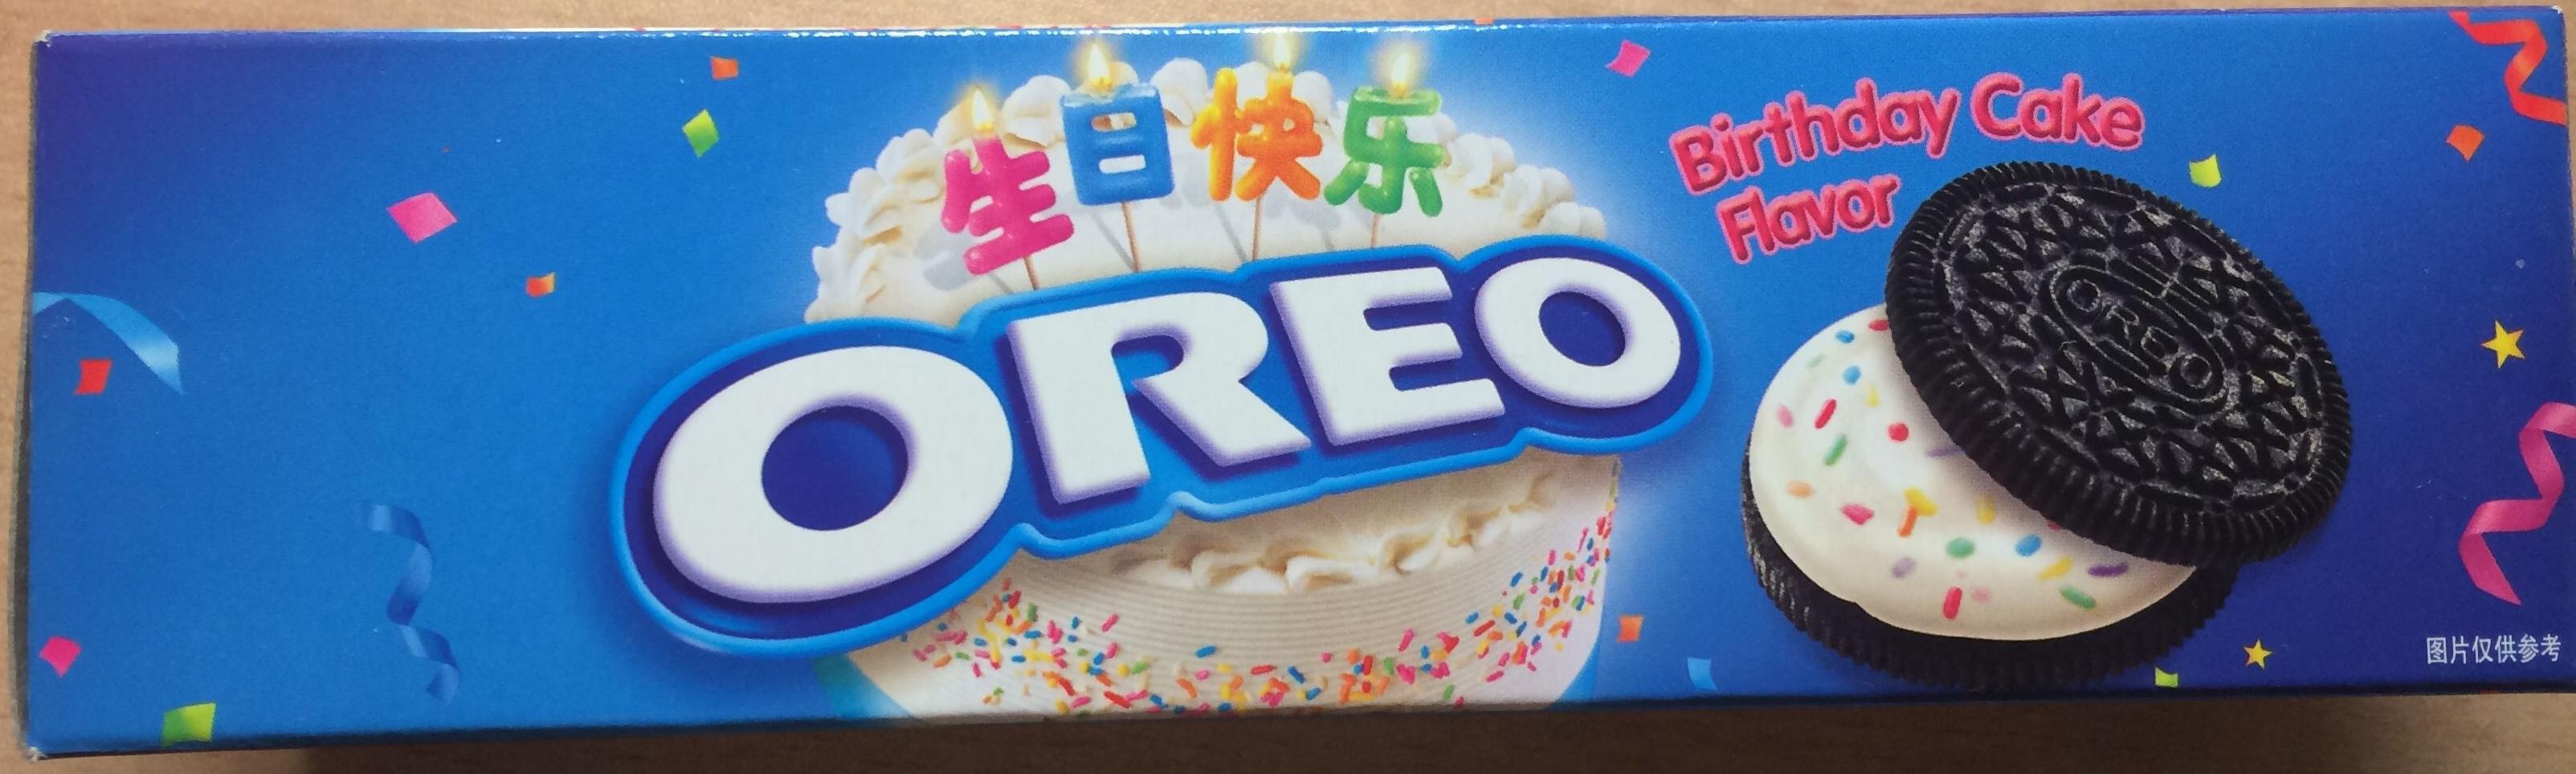 巧克力夹心饼干 - 产品 - zh